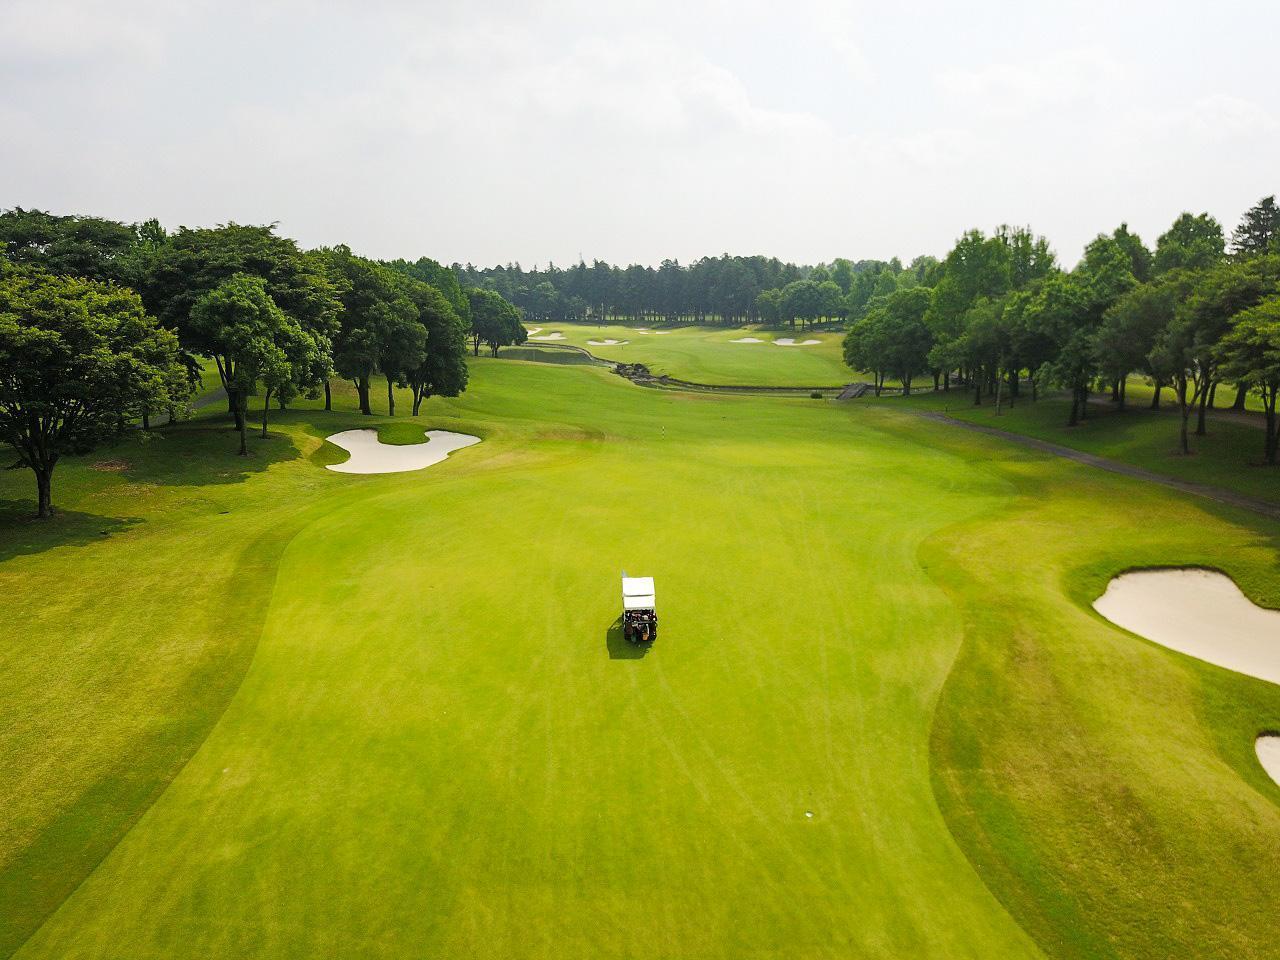 画像: 写真でゴルフカートが走っている場所がフェアウェイ。ティショットではフェアウェイキープが大切だ